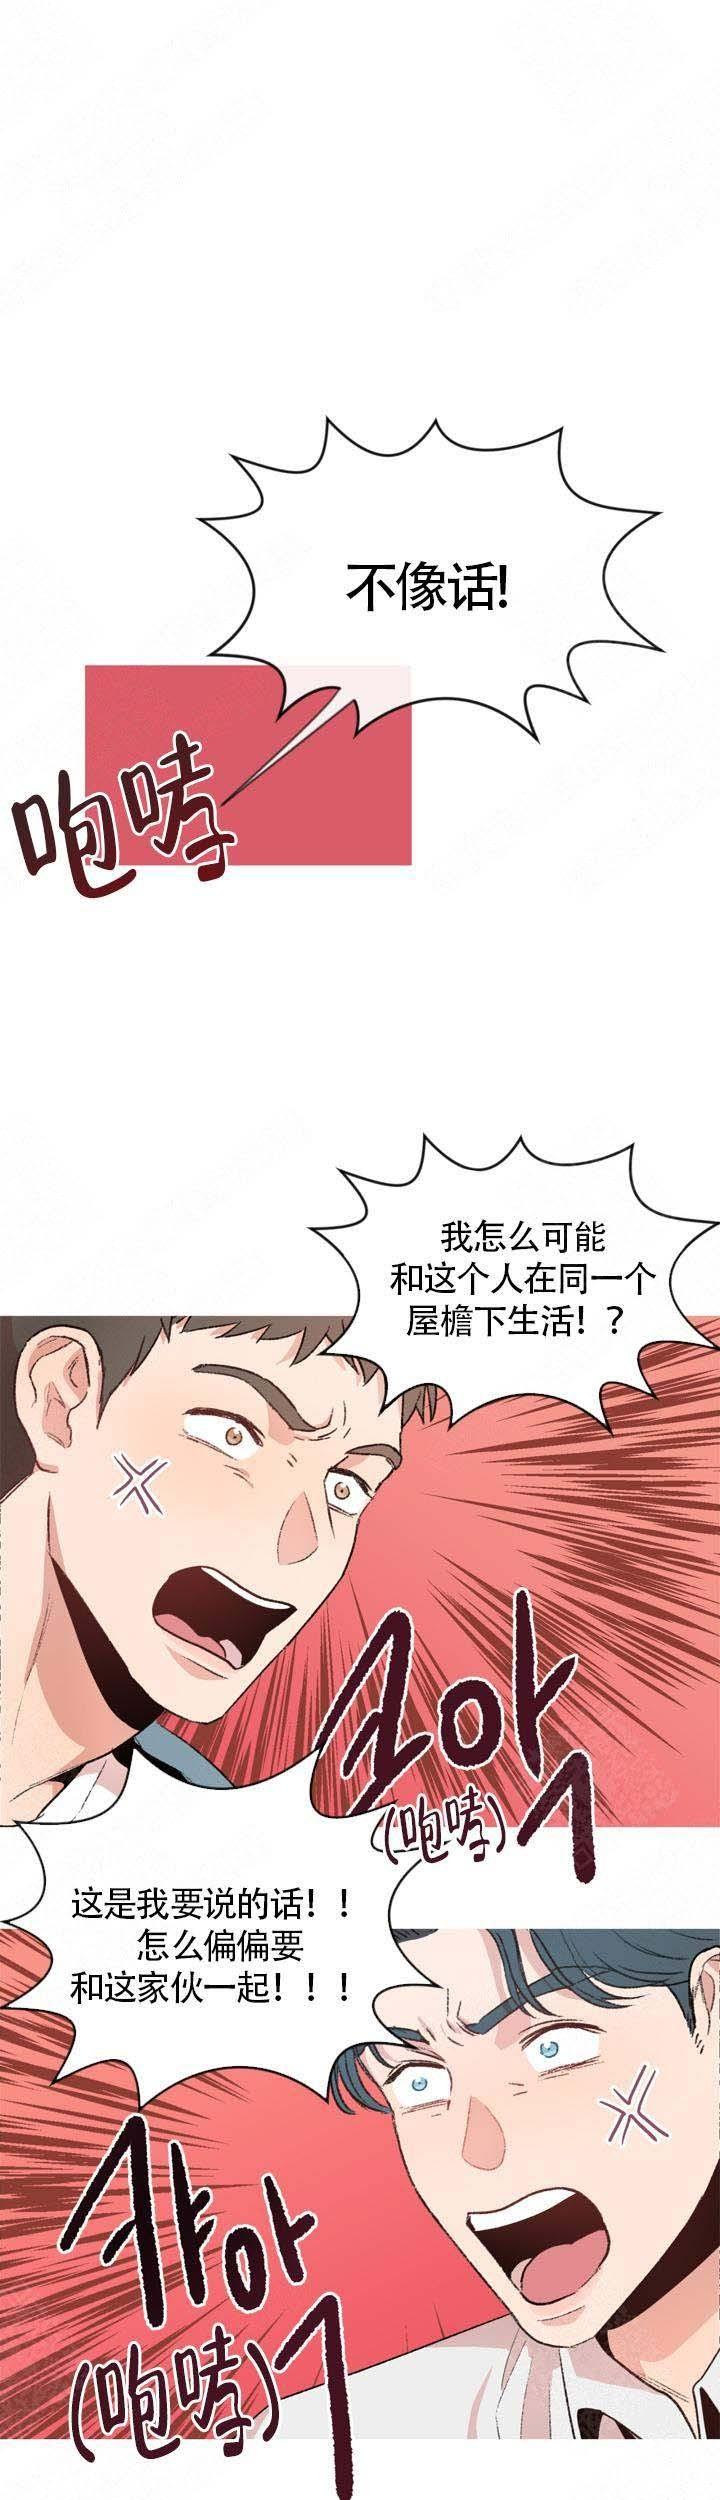 冤家同居-漫画完整版汉化_全集在线阅读-啵乐漫画